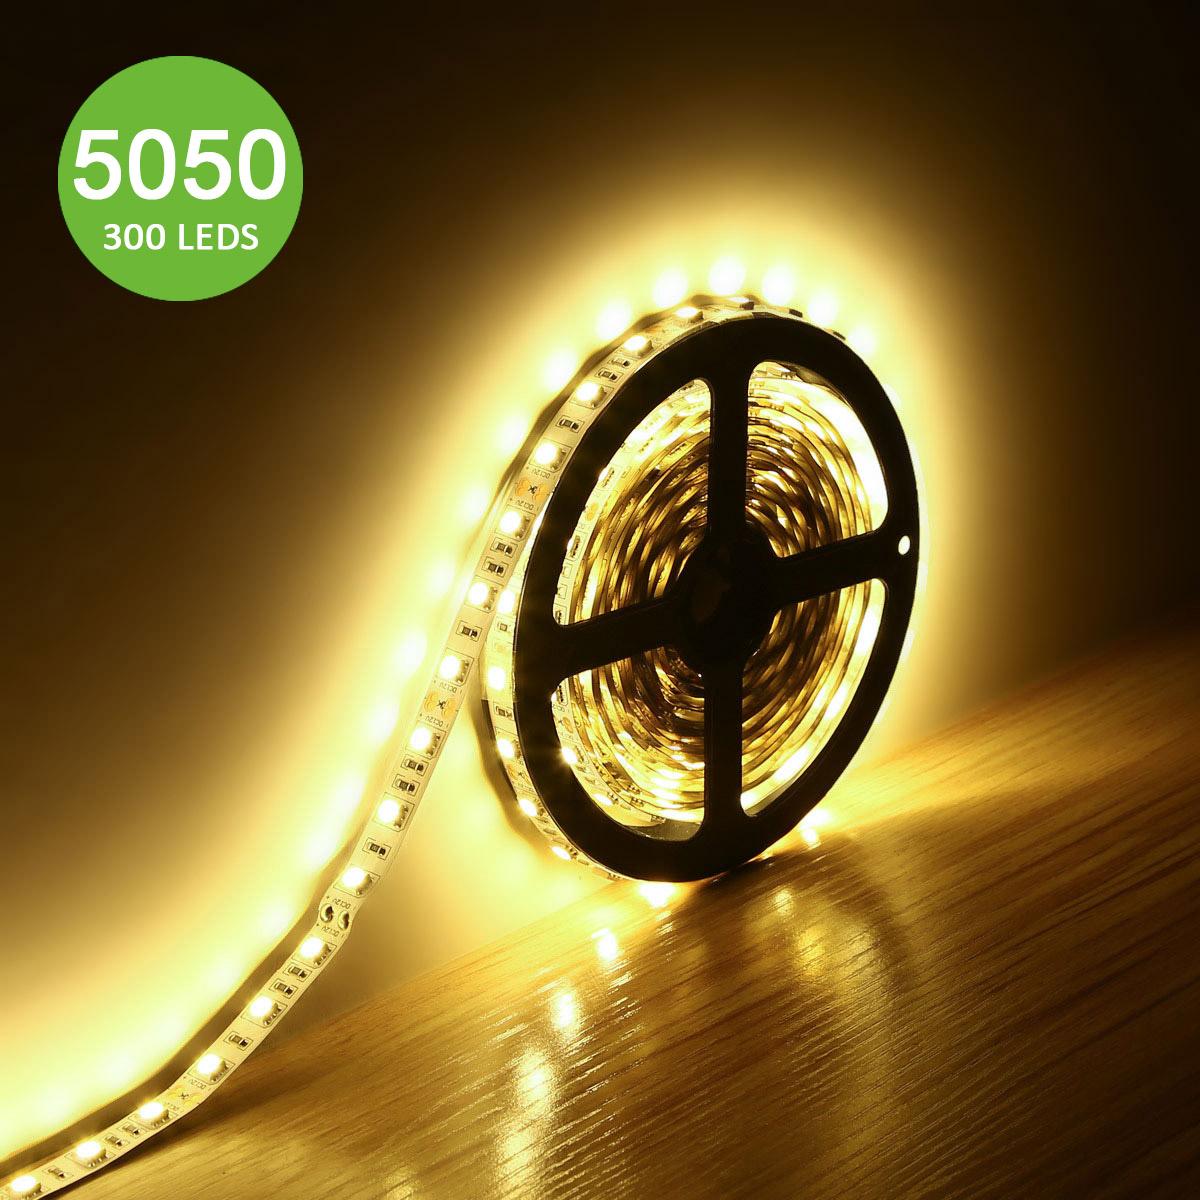 12V LED Strips, 720 lm/Meter, Warmweiß, 300 Stück 5050 SMD, Non-wasserdicht, 5M